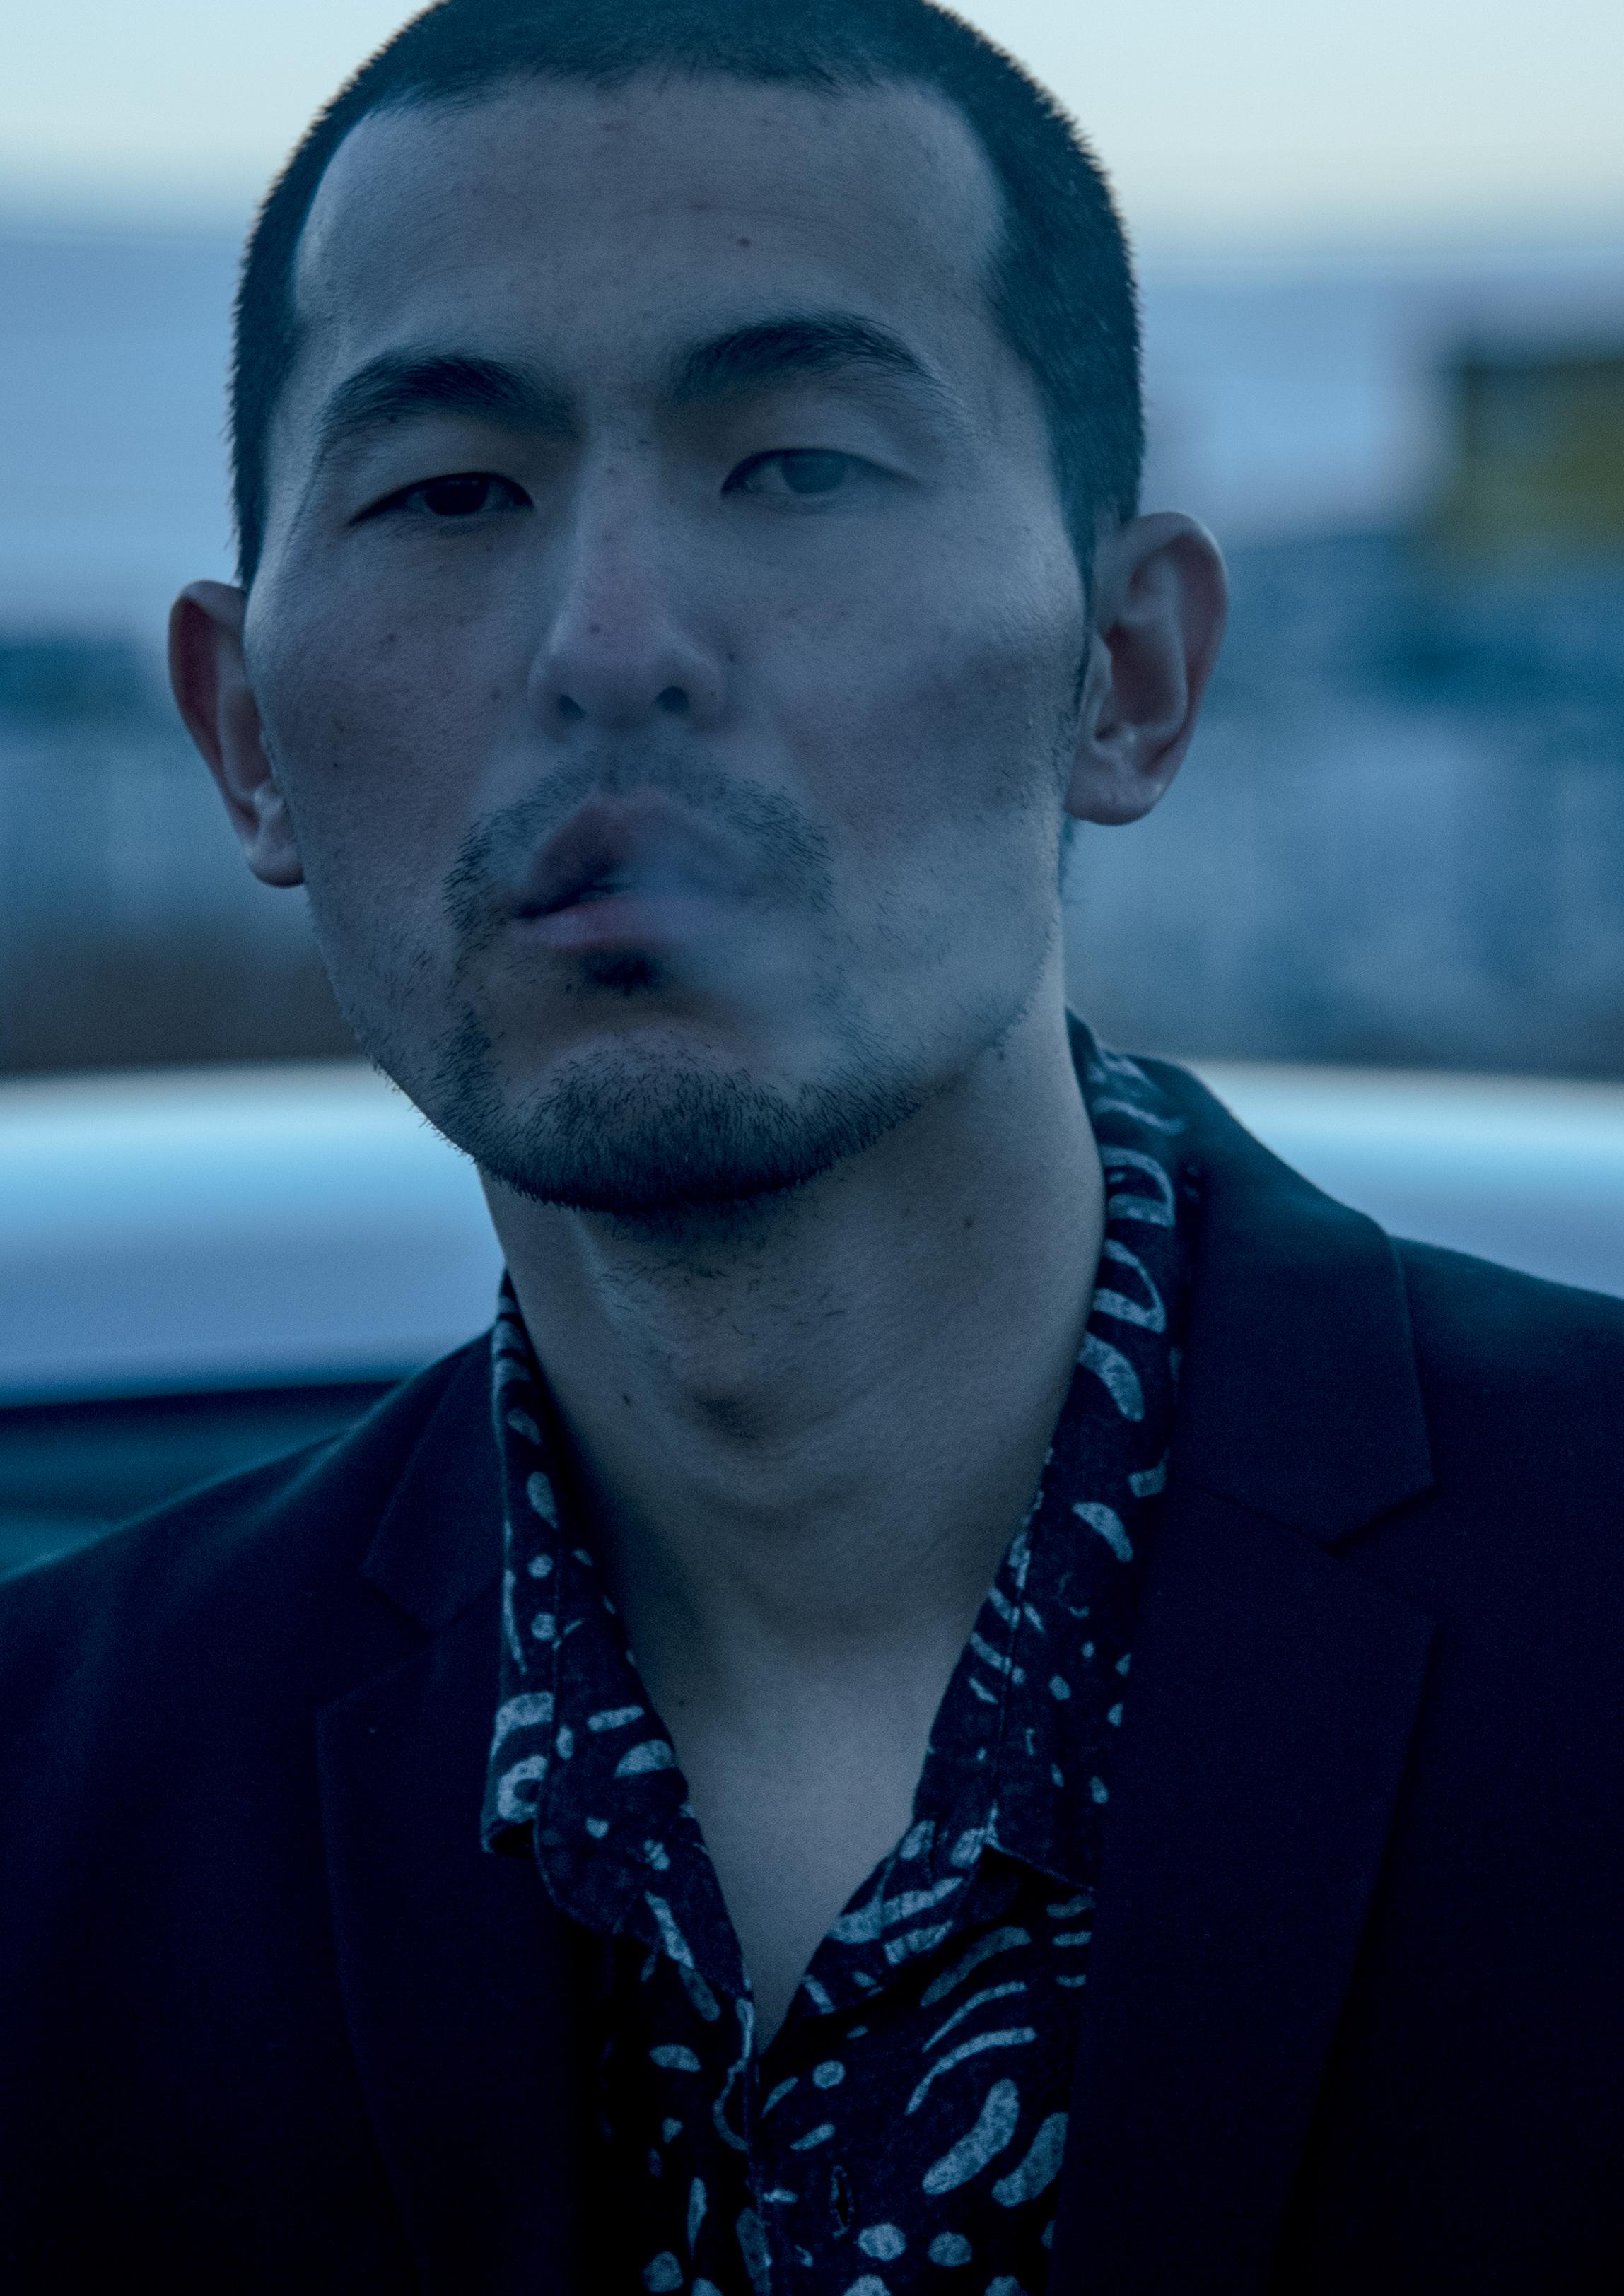 俳優金鎮徹展3